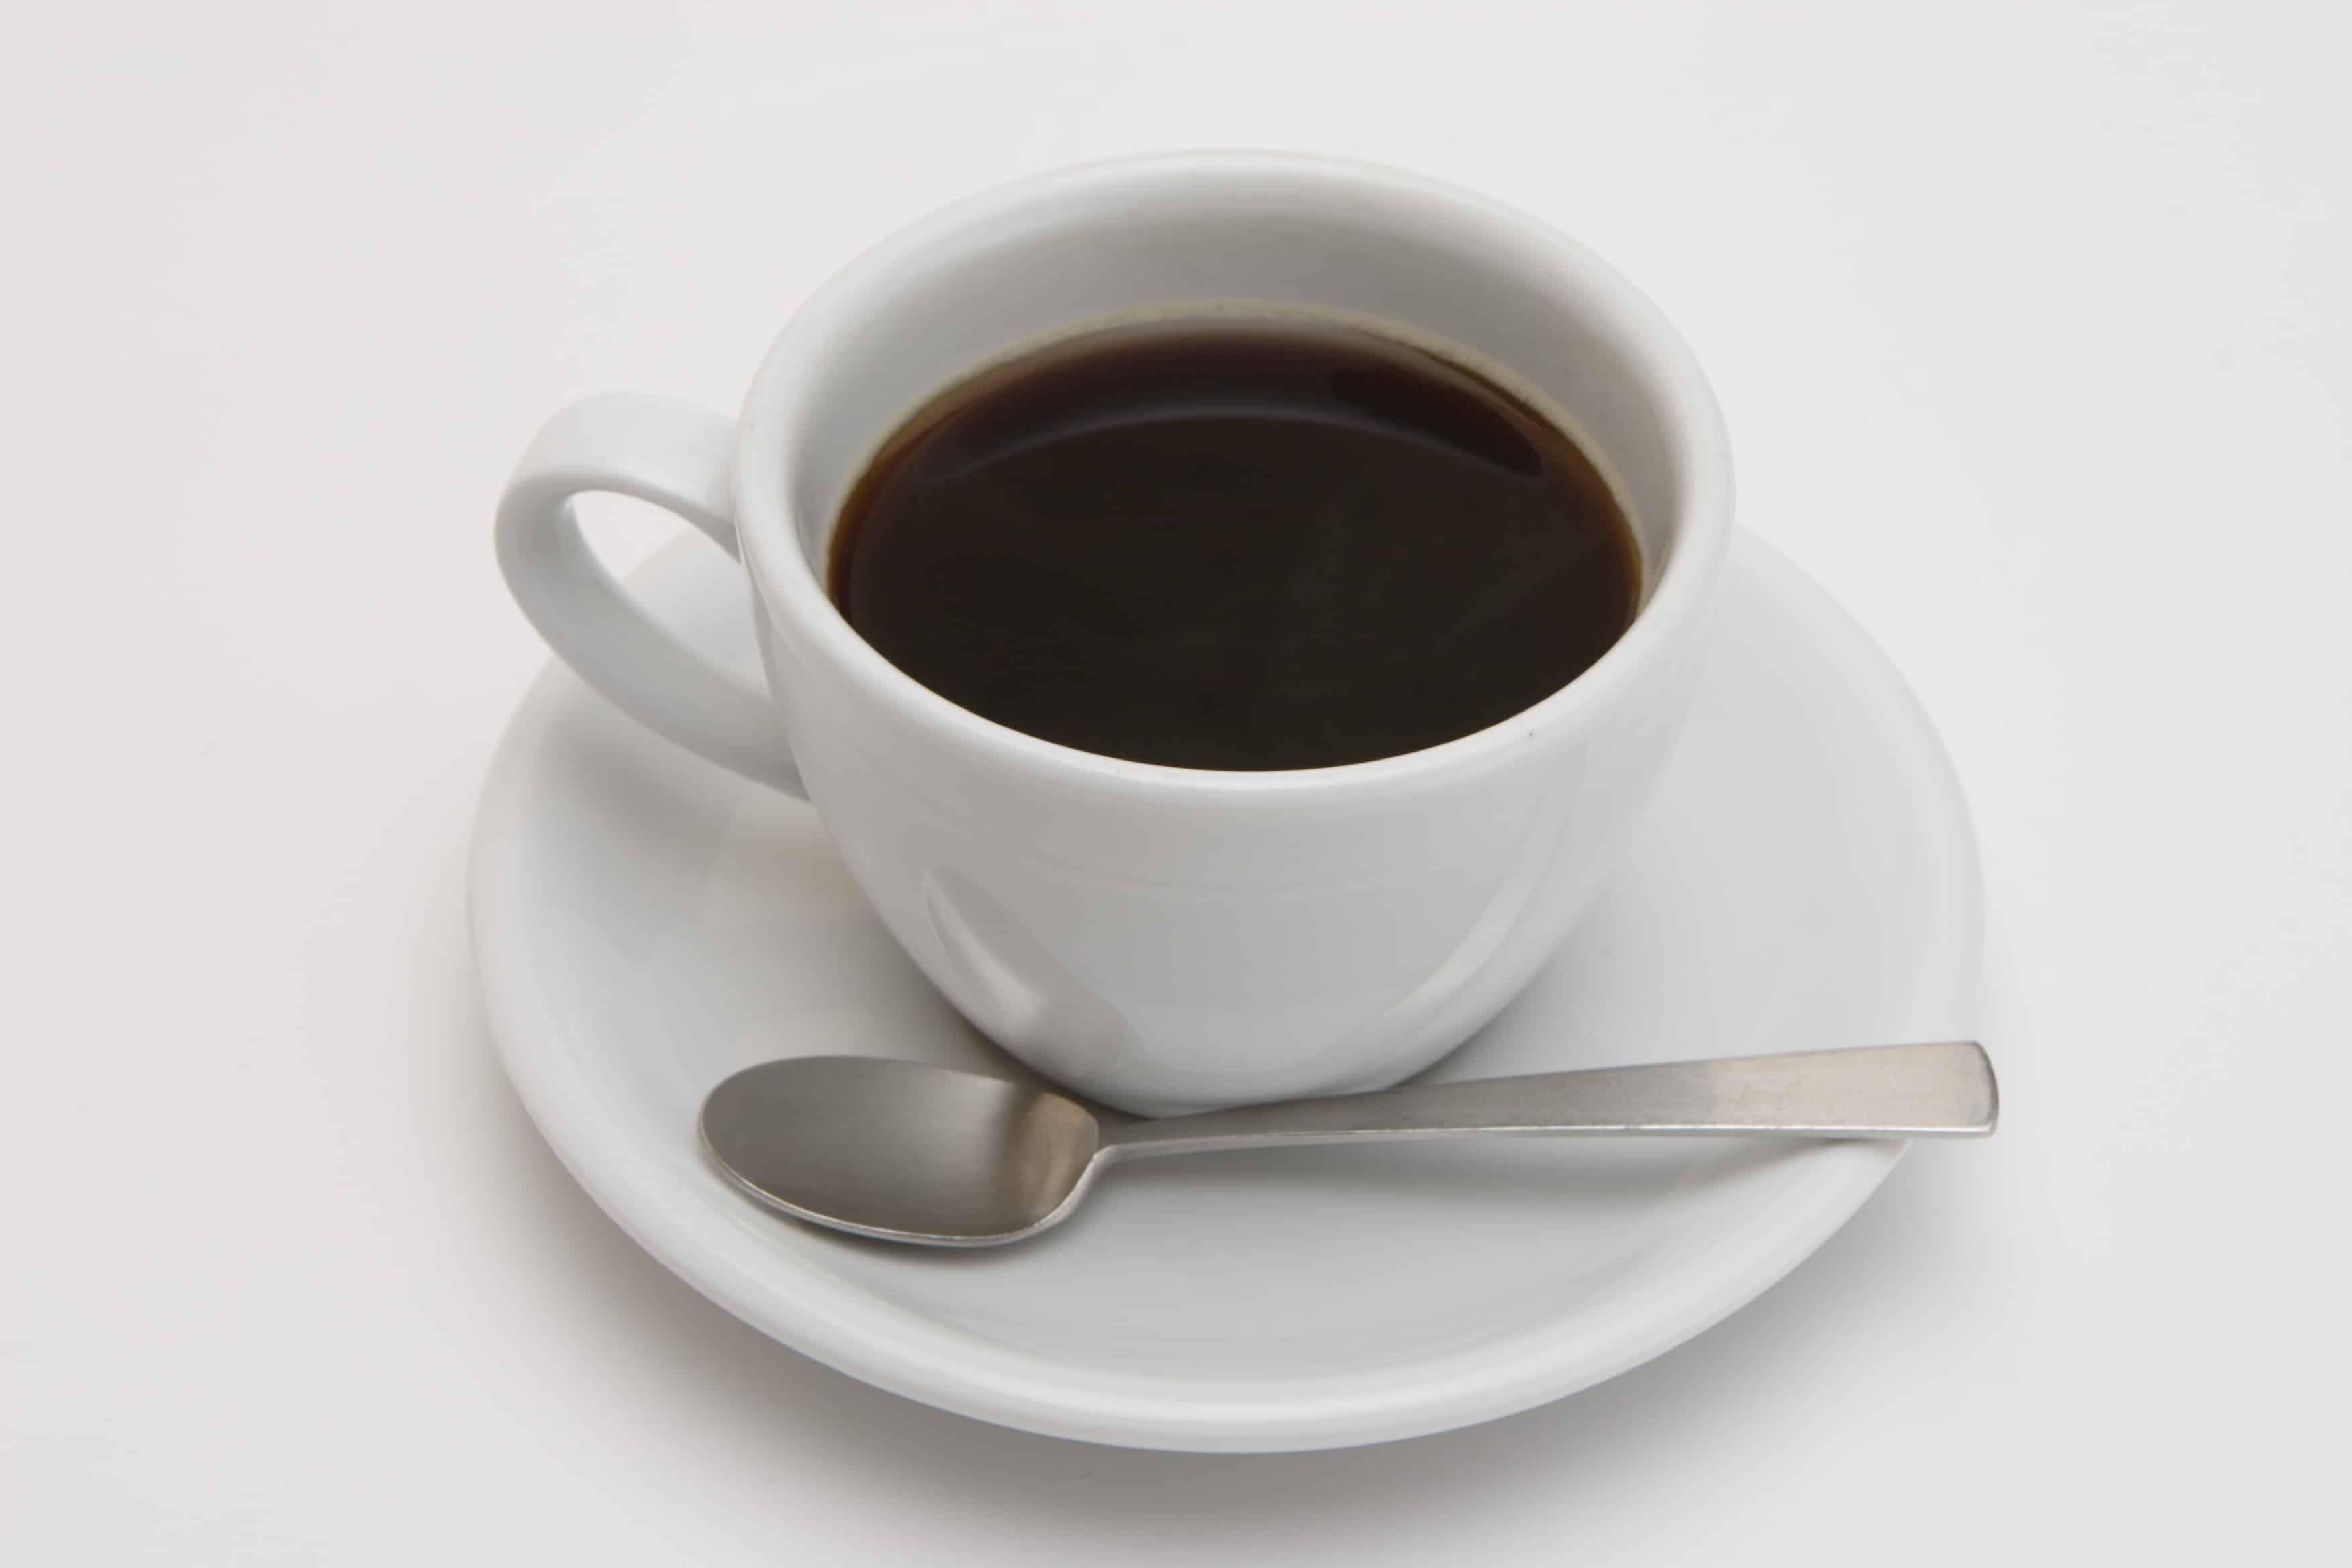 便秘対策の朝ごはんはココナッツオイルコーヒー